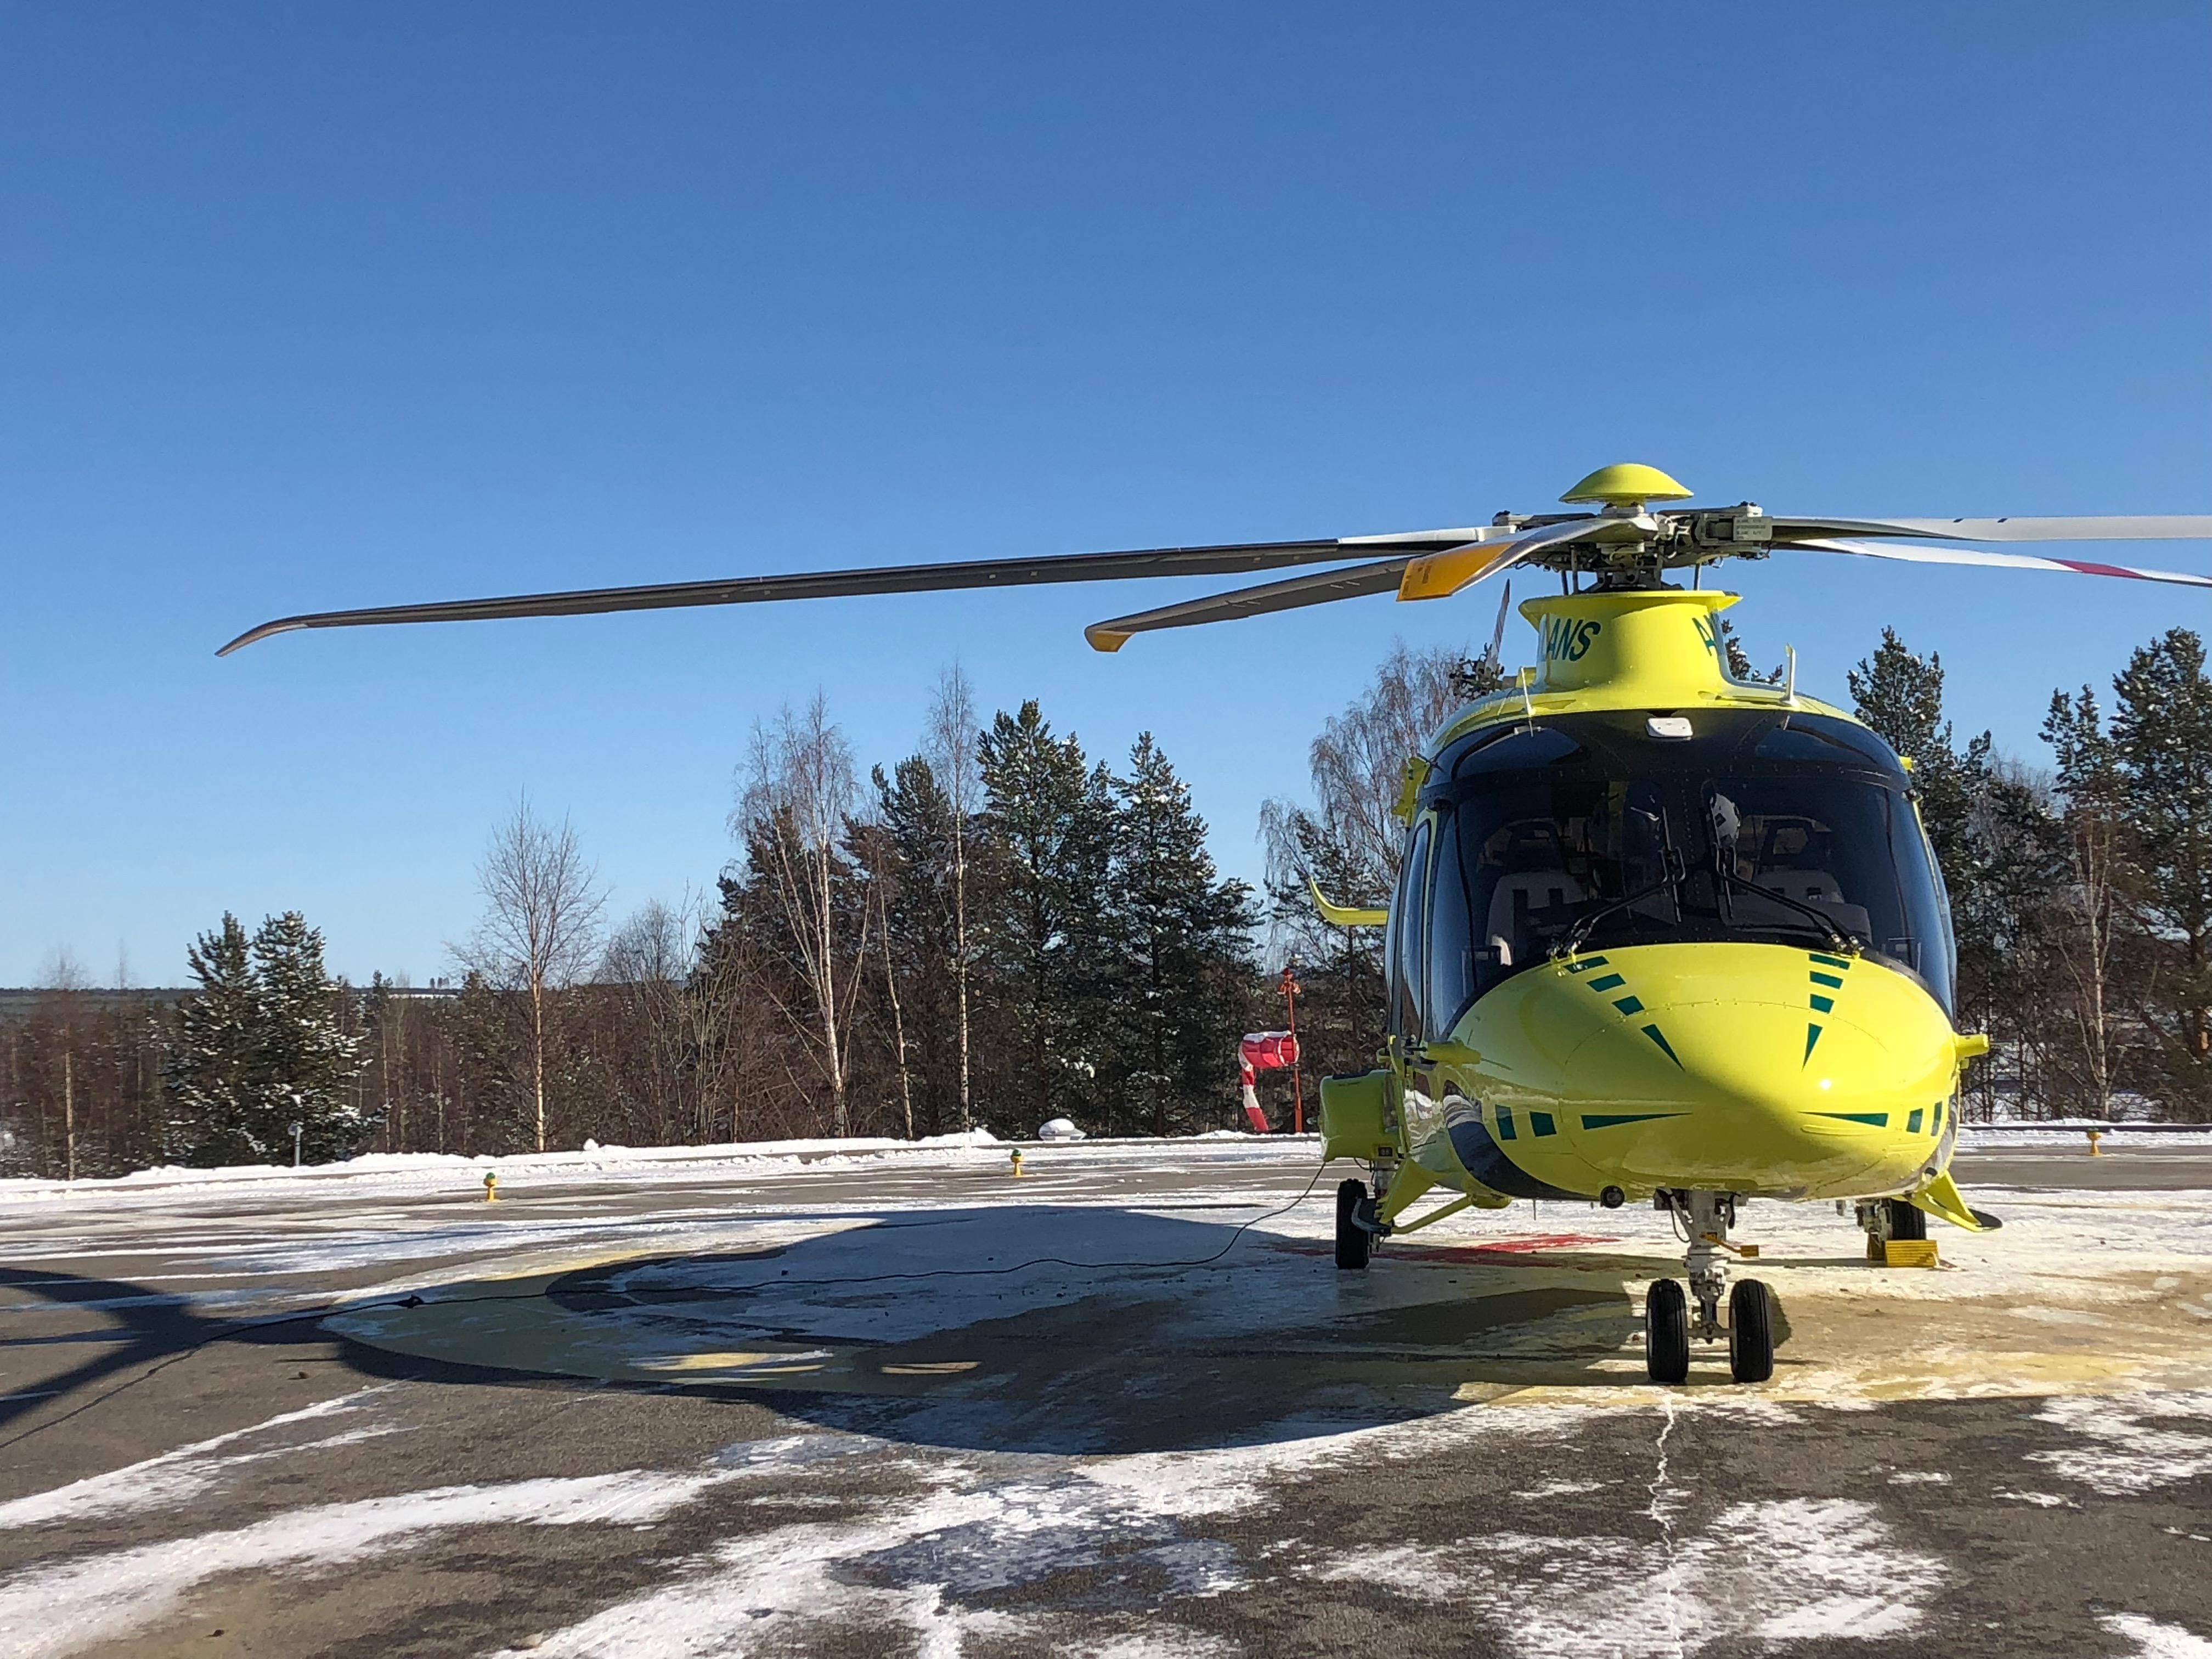 Nya ambulanshelikopter i Västerbotten som är modernast i Sverige